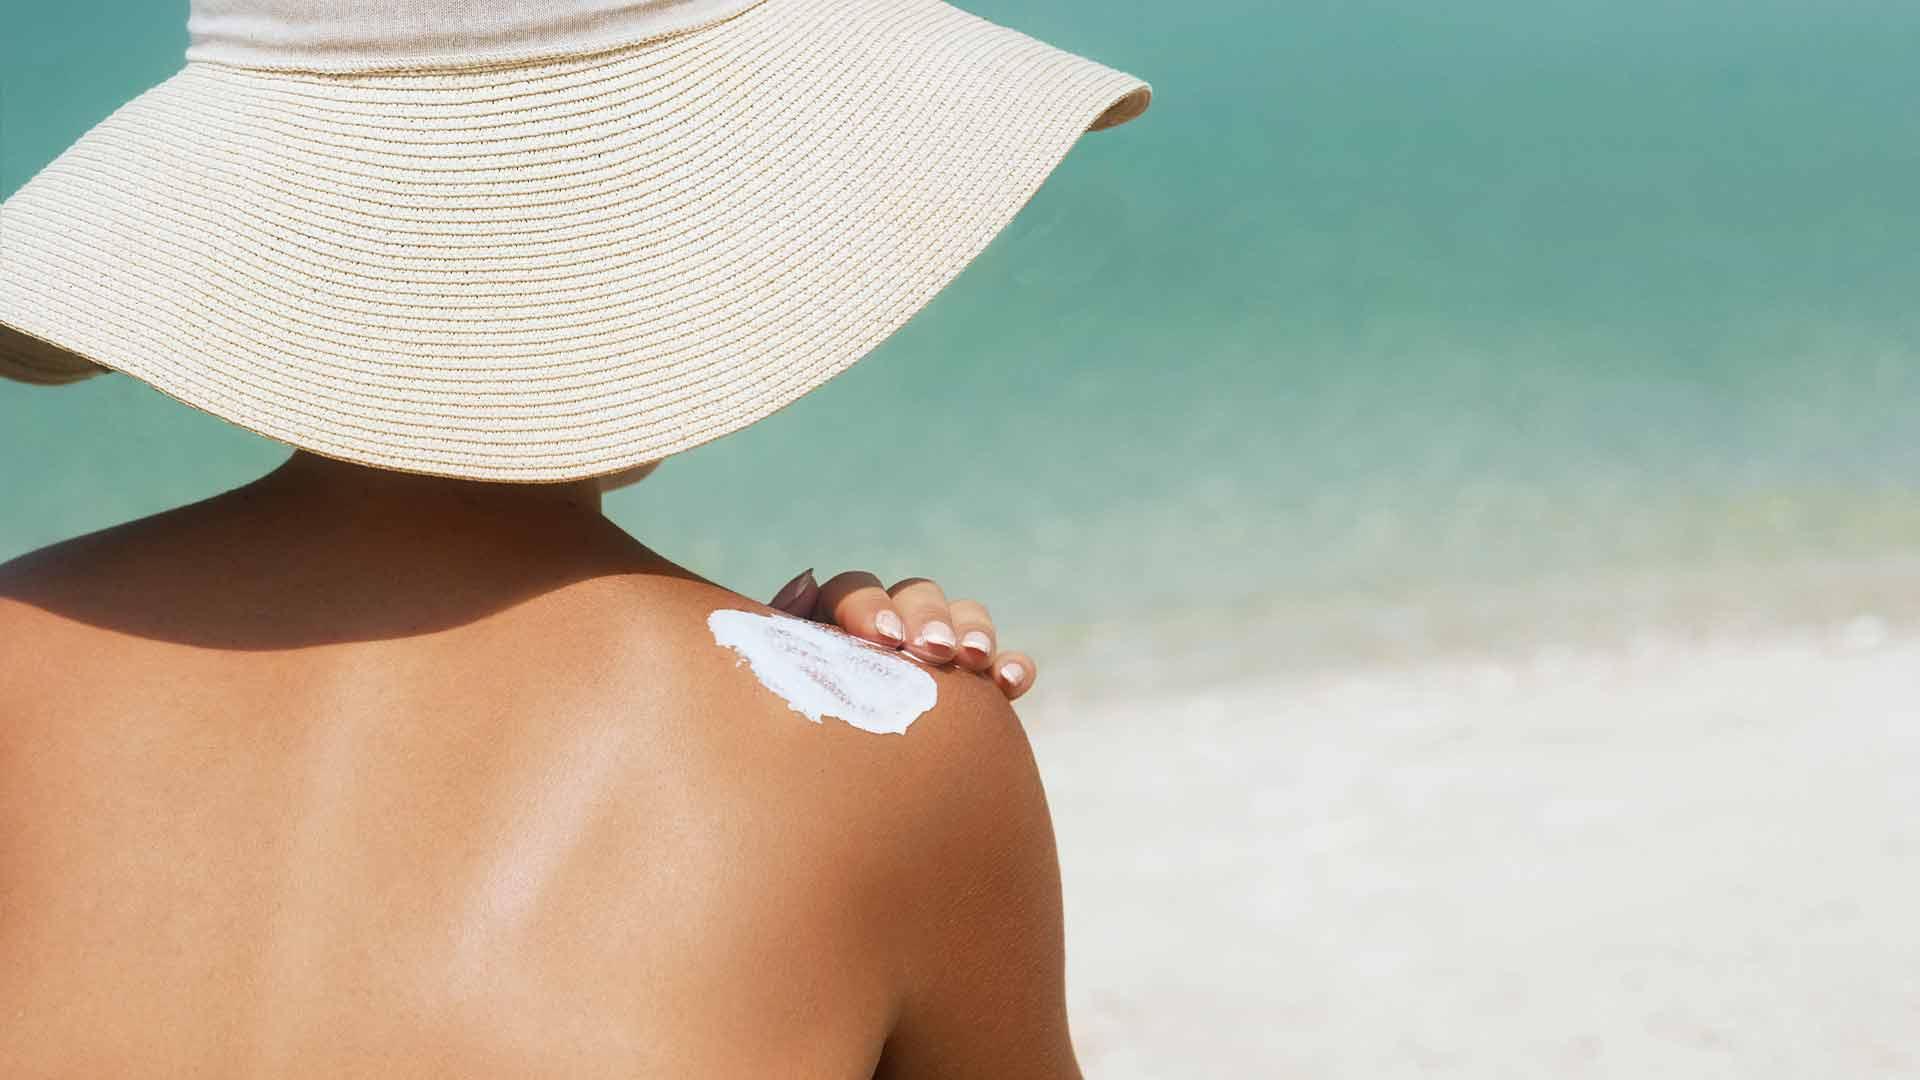 Salud reiteró las recomendaciones para cuidar la piel durante el verano